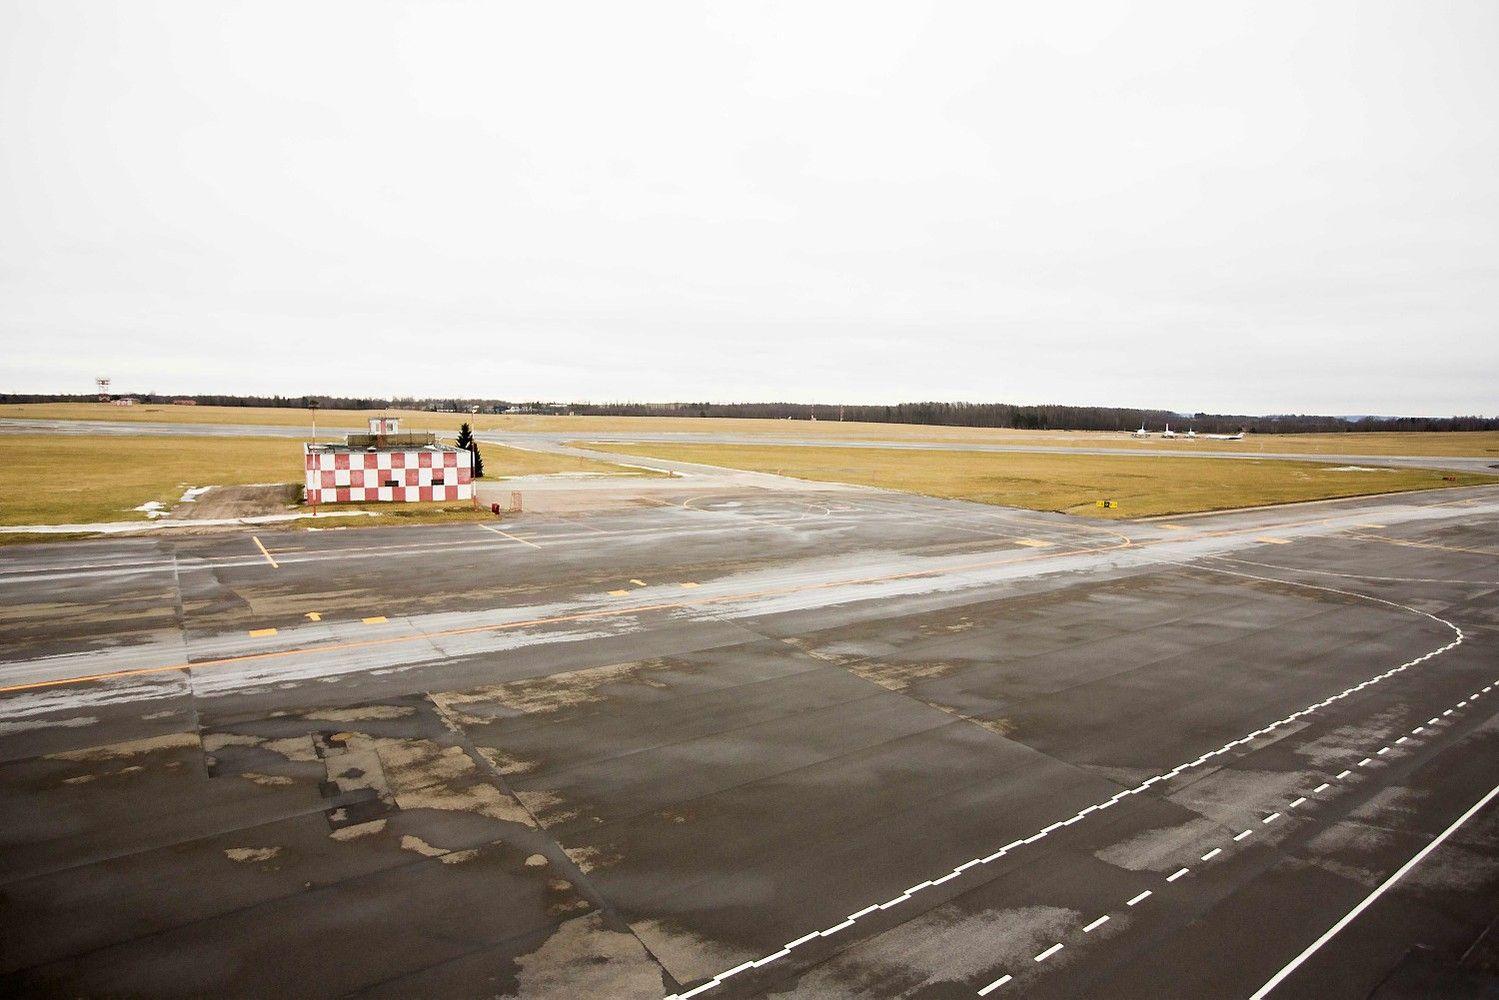 Naktį į ar iš Vilniaus skrendantys keleiviai gali sulaukti nepatogumų